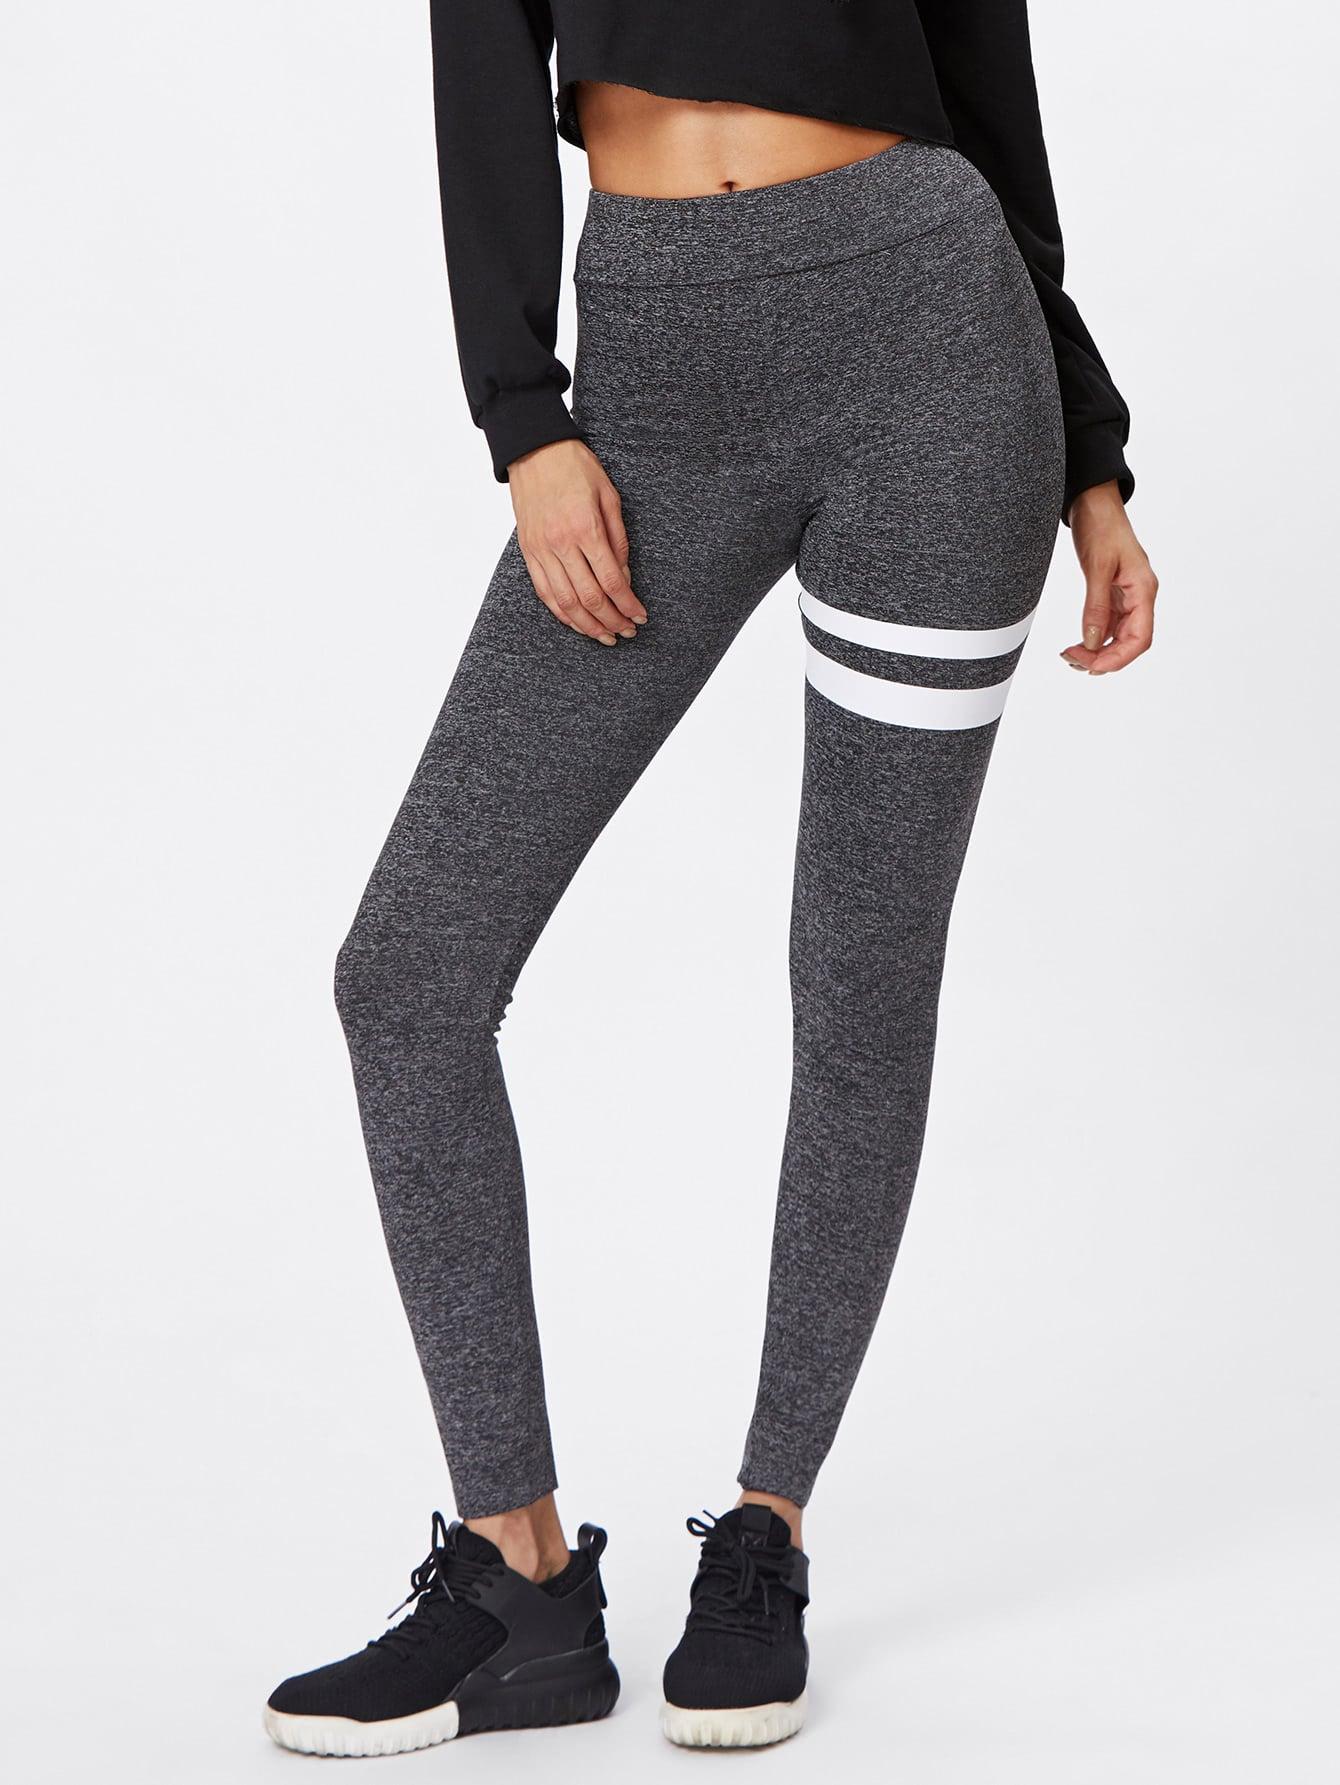 Asymmetric Striped Leggings asymmetric striped leggings